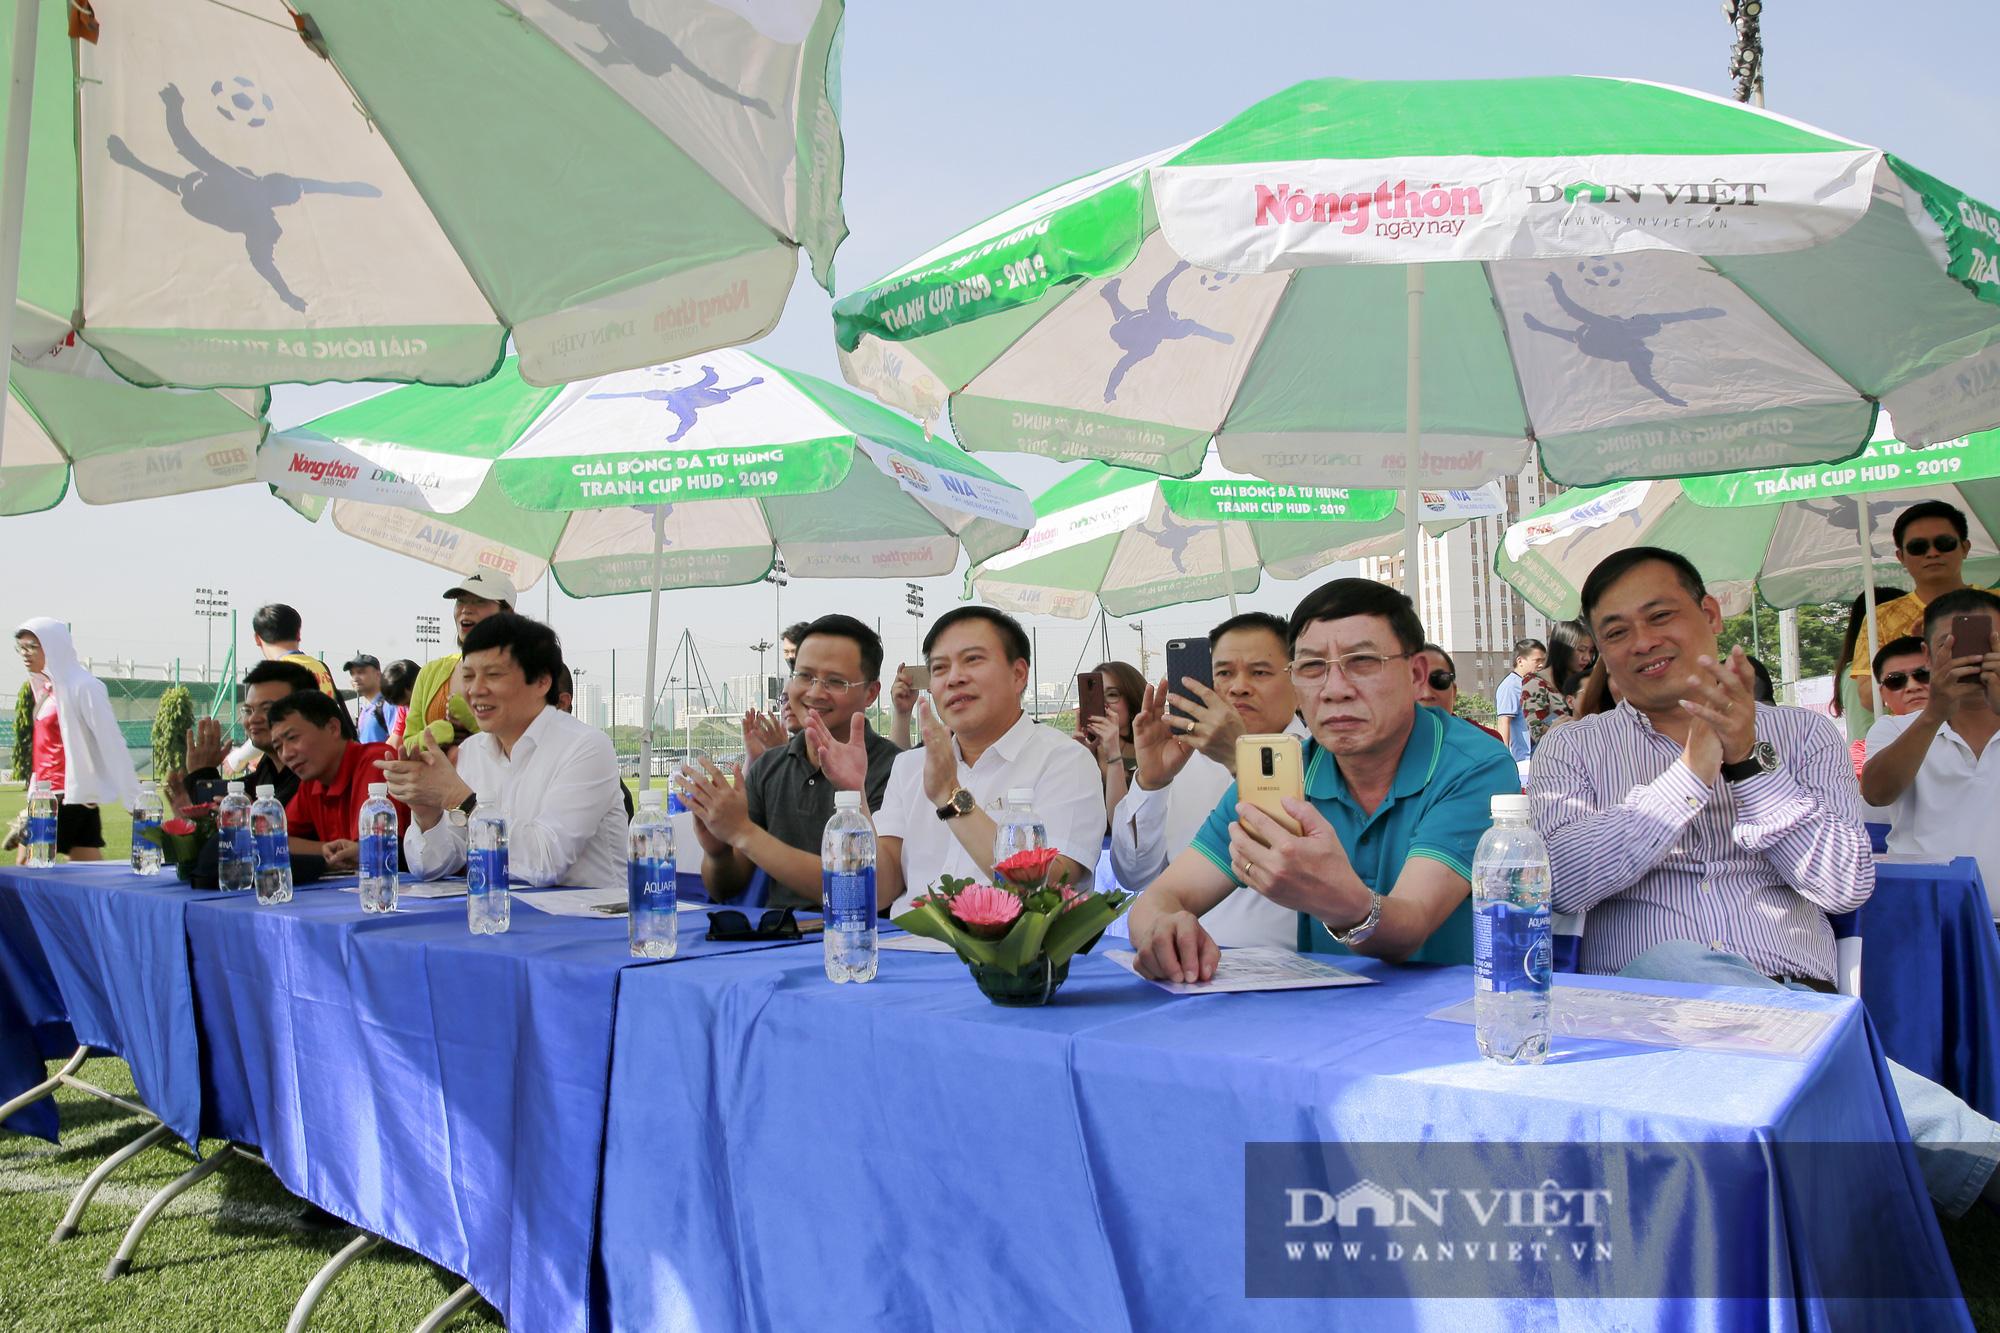 Giải bóng đá báo Nông thôn Ngày nay/Dân Việt lần thứ 12 chính thức khởi tranh - Ảnh 3.